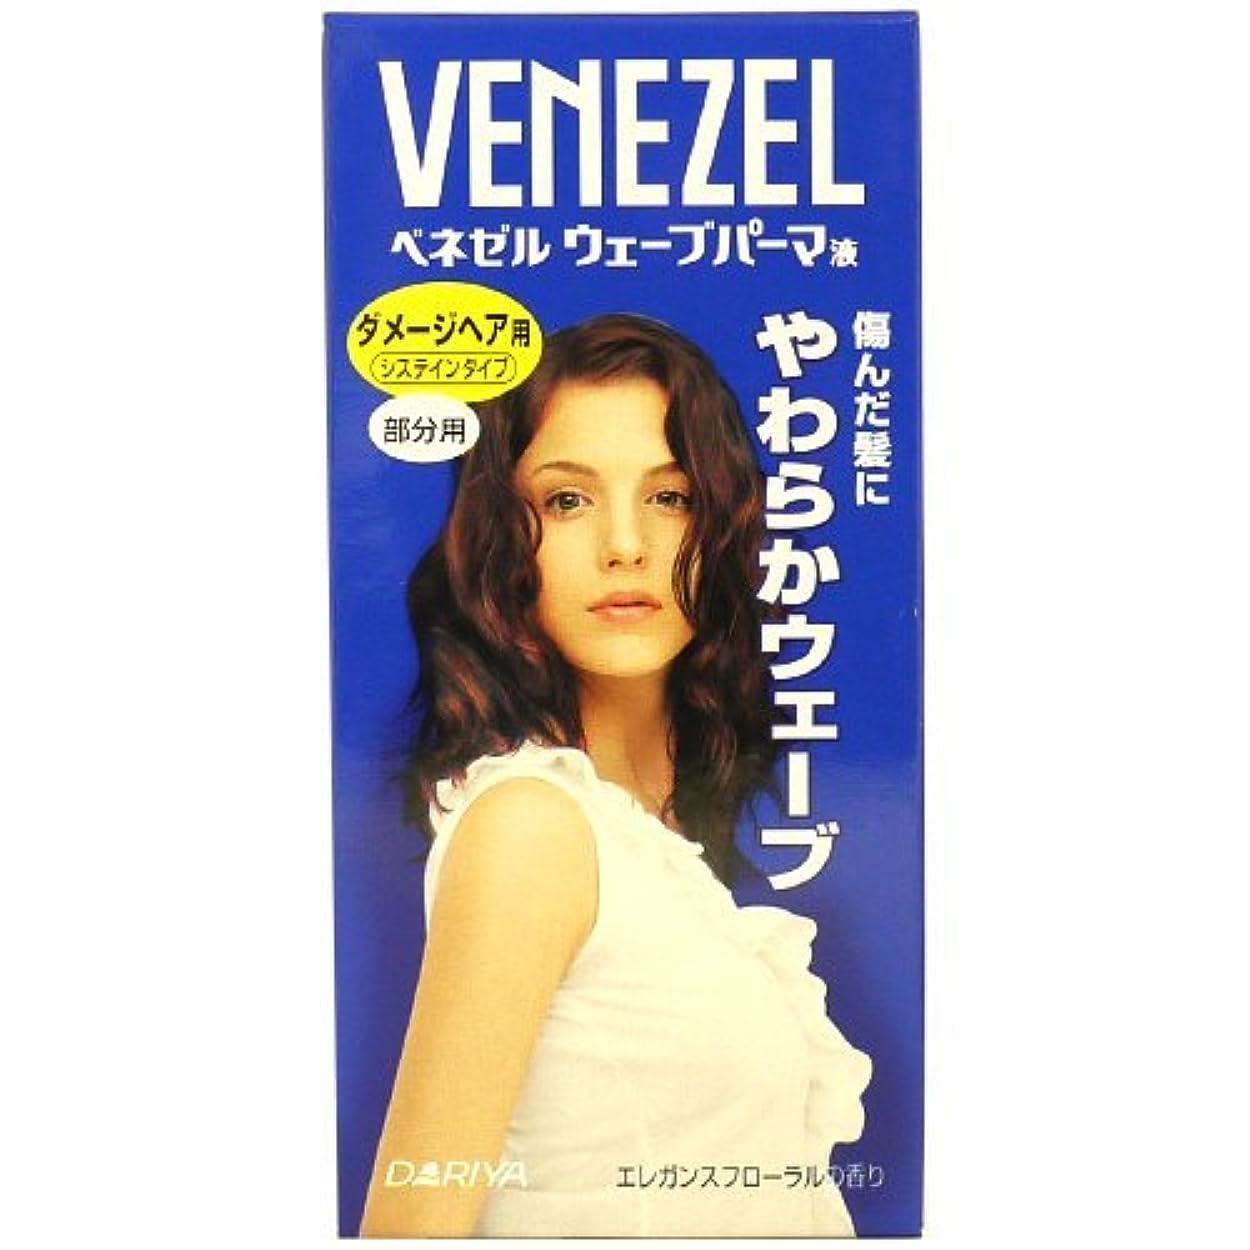 古代振る舞い成分ダリヤ ベネゼル ウェーブパーマ液 ダメージヘア用 部分用